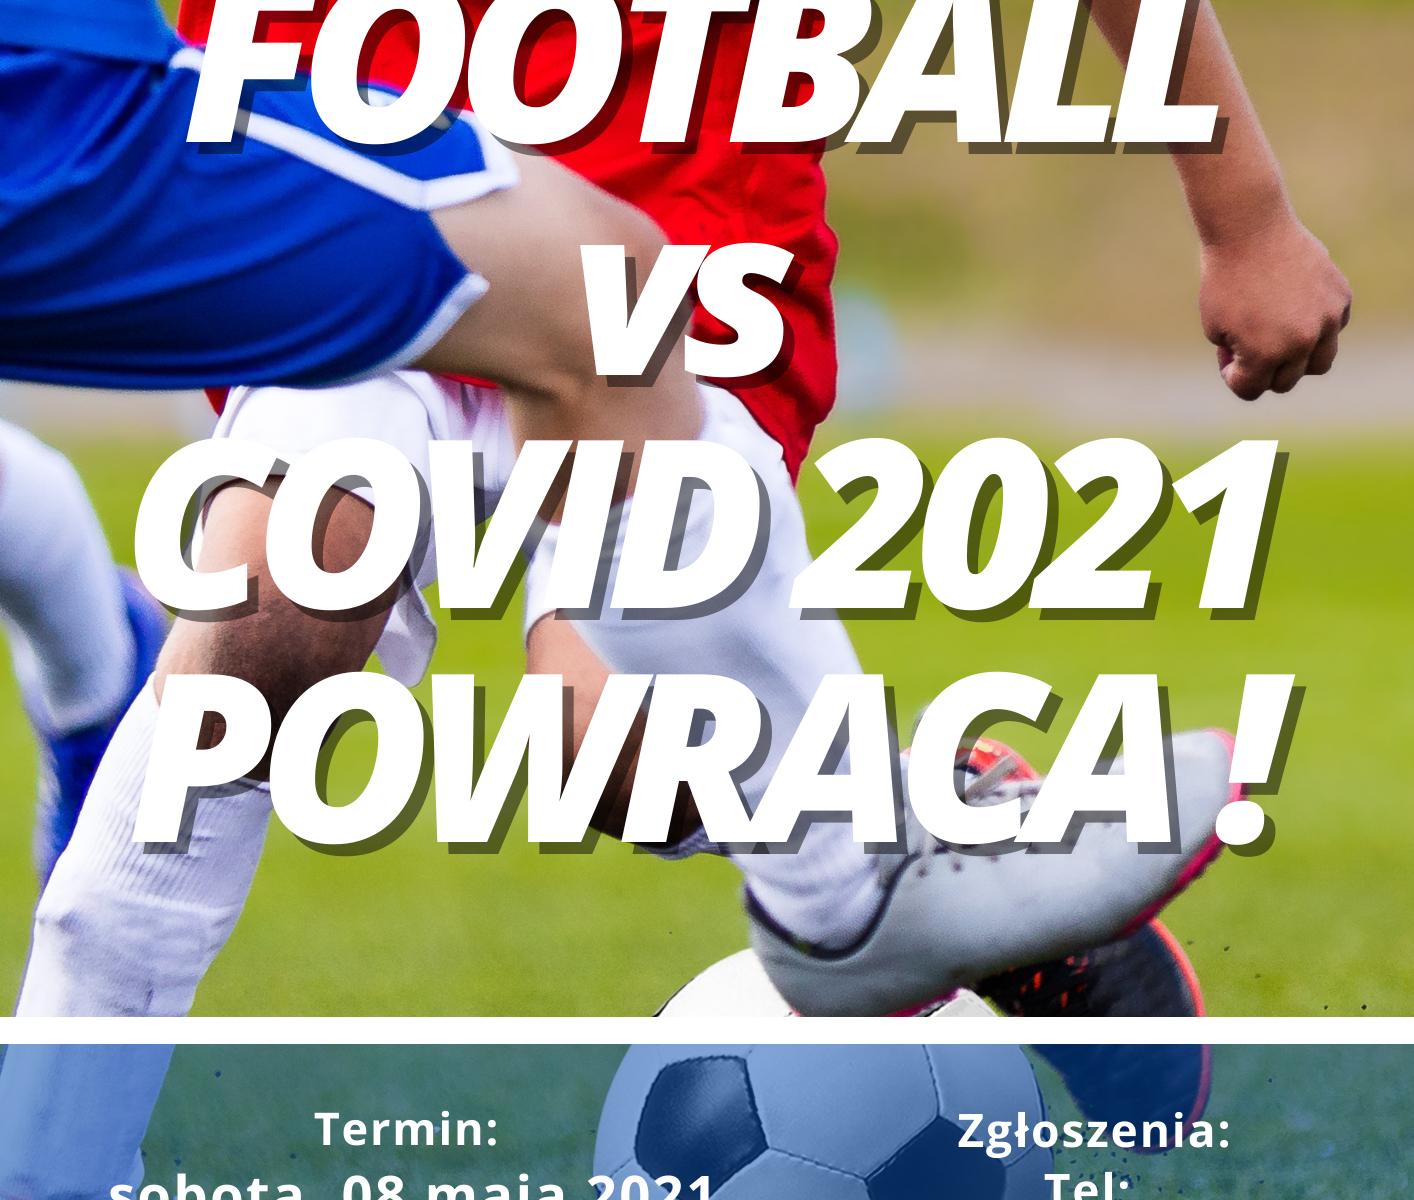 Football vs Covid 2021